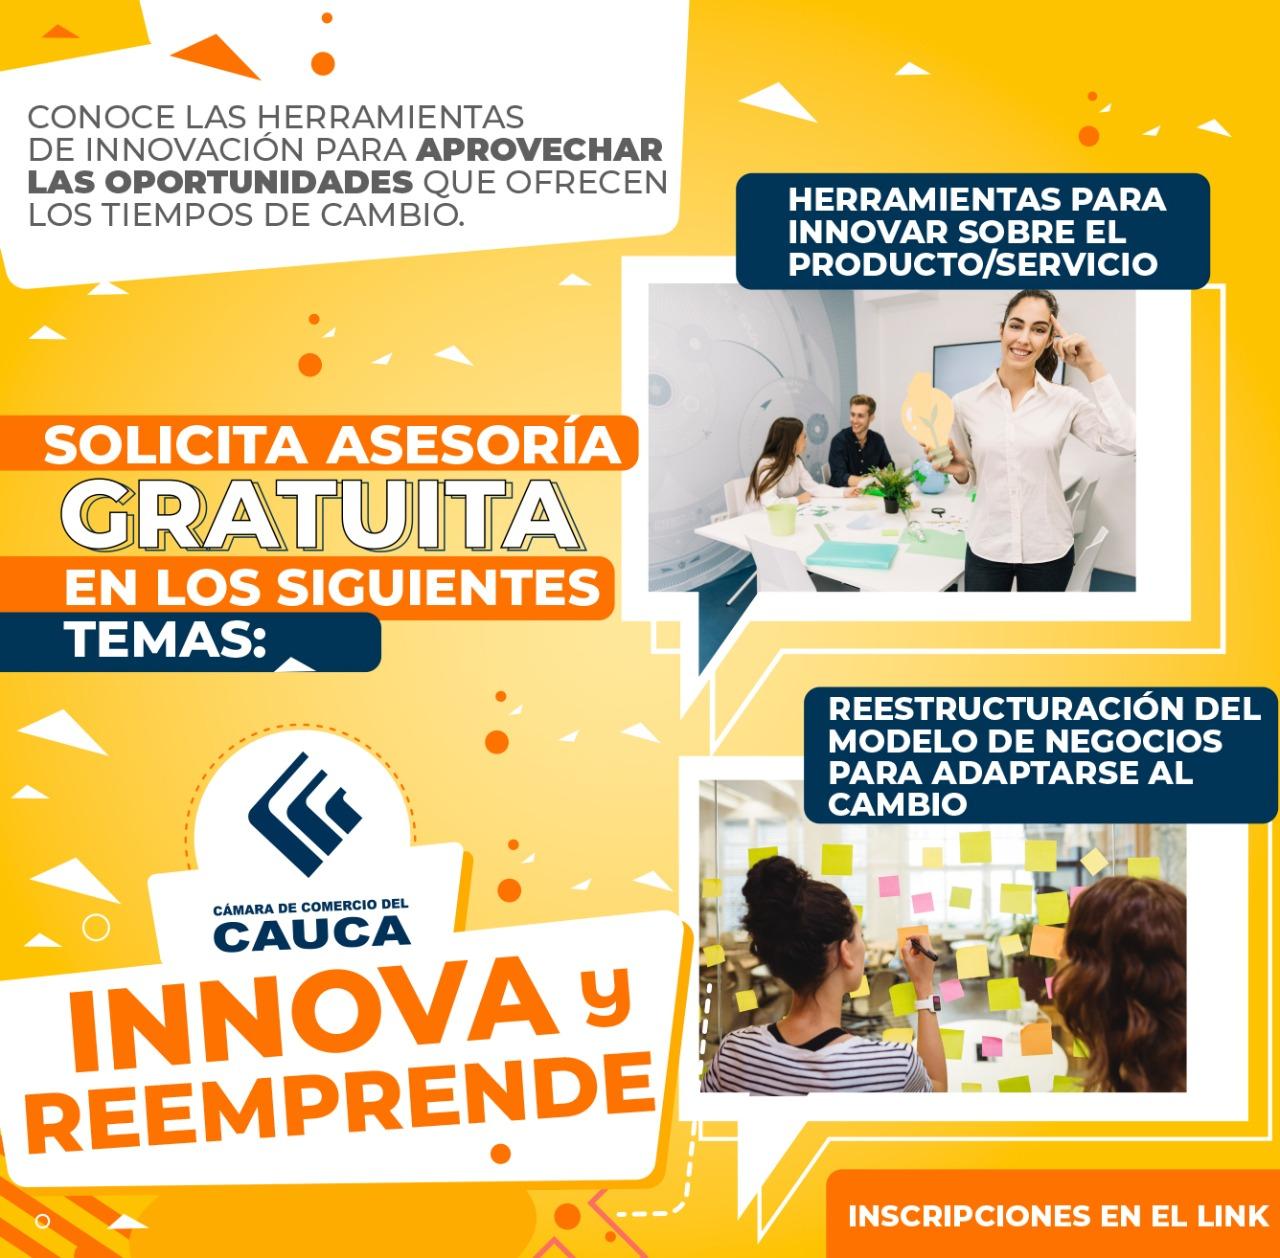 Solicite asesoría gratuita en temas de Reestructuración del Modelo de negocios y Herramientas para innovar